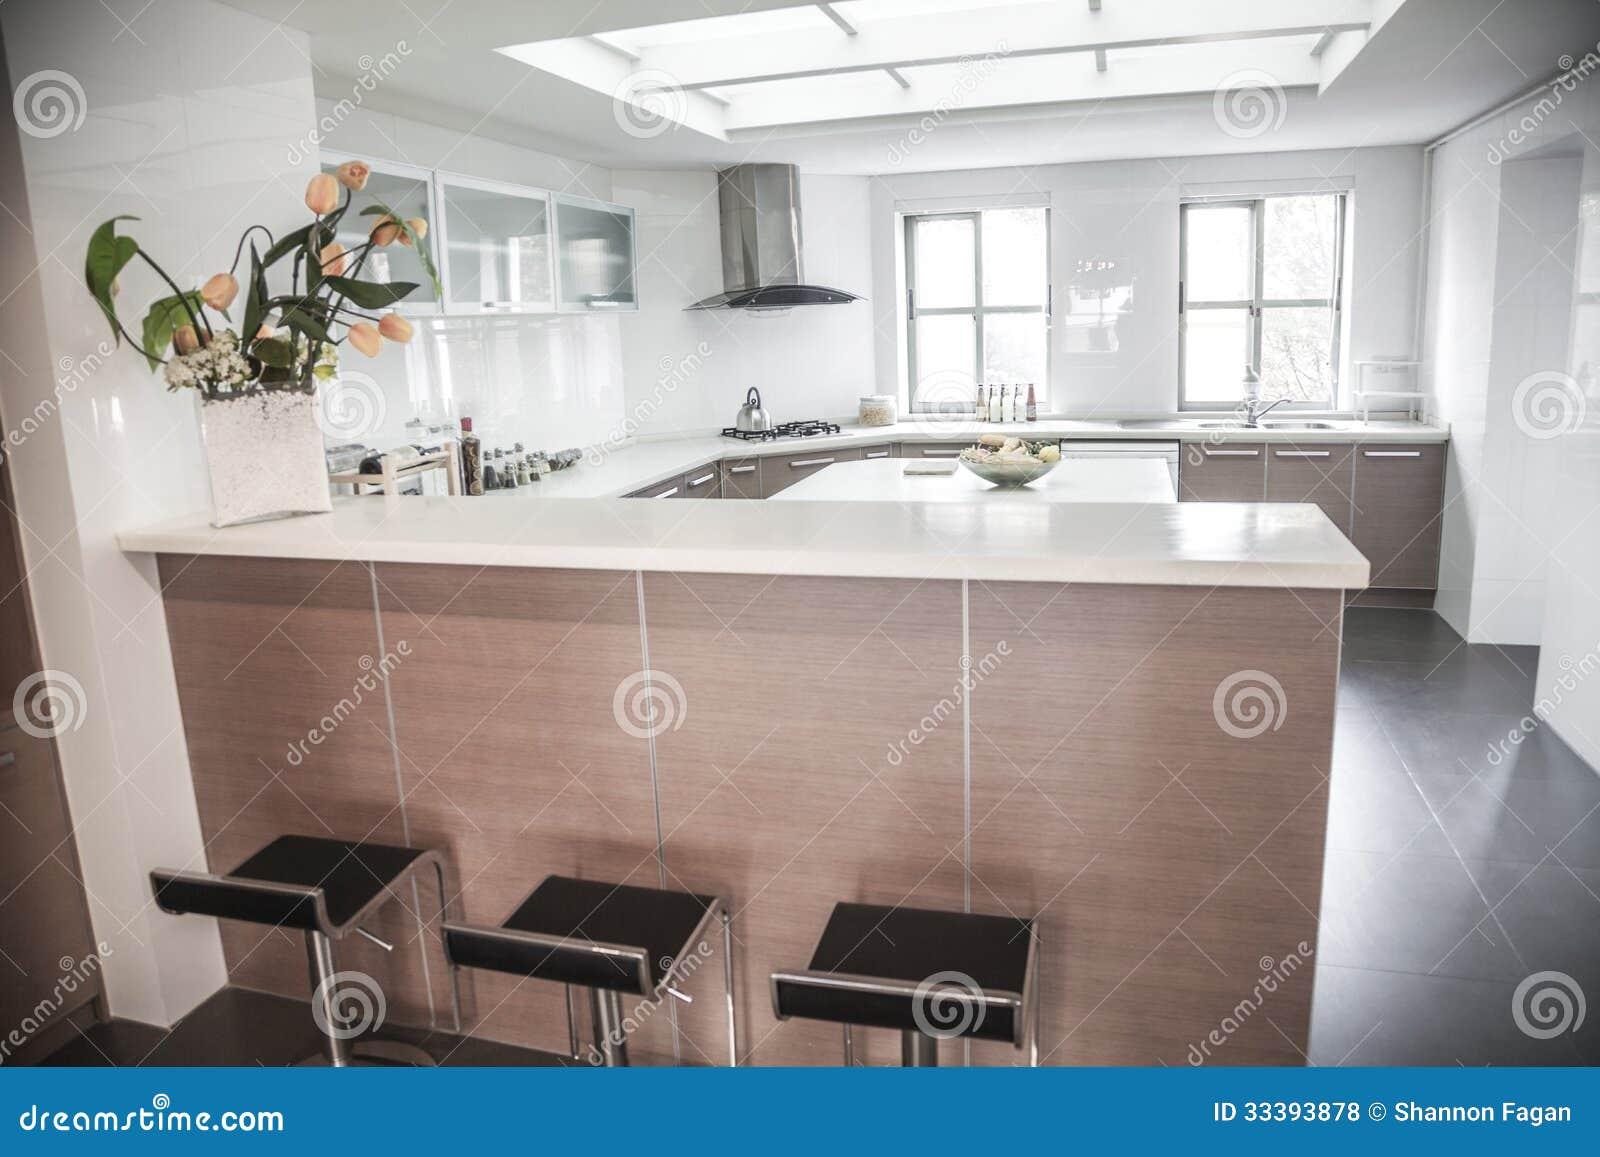 grote, open, moderne keuken. royaltyvrije stock foto's, Meubels Ideeën